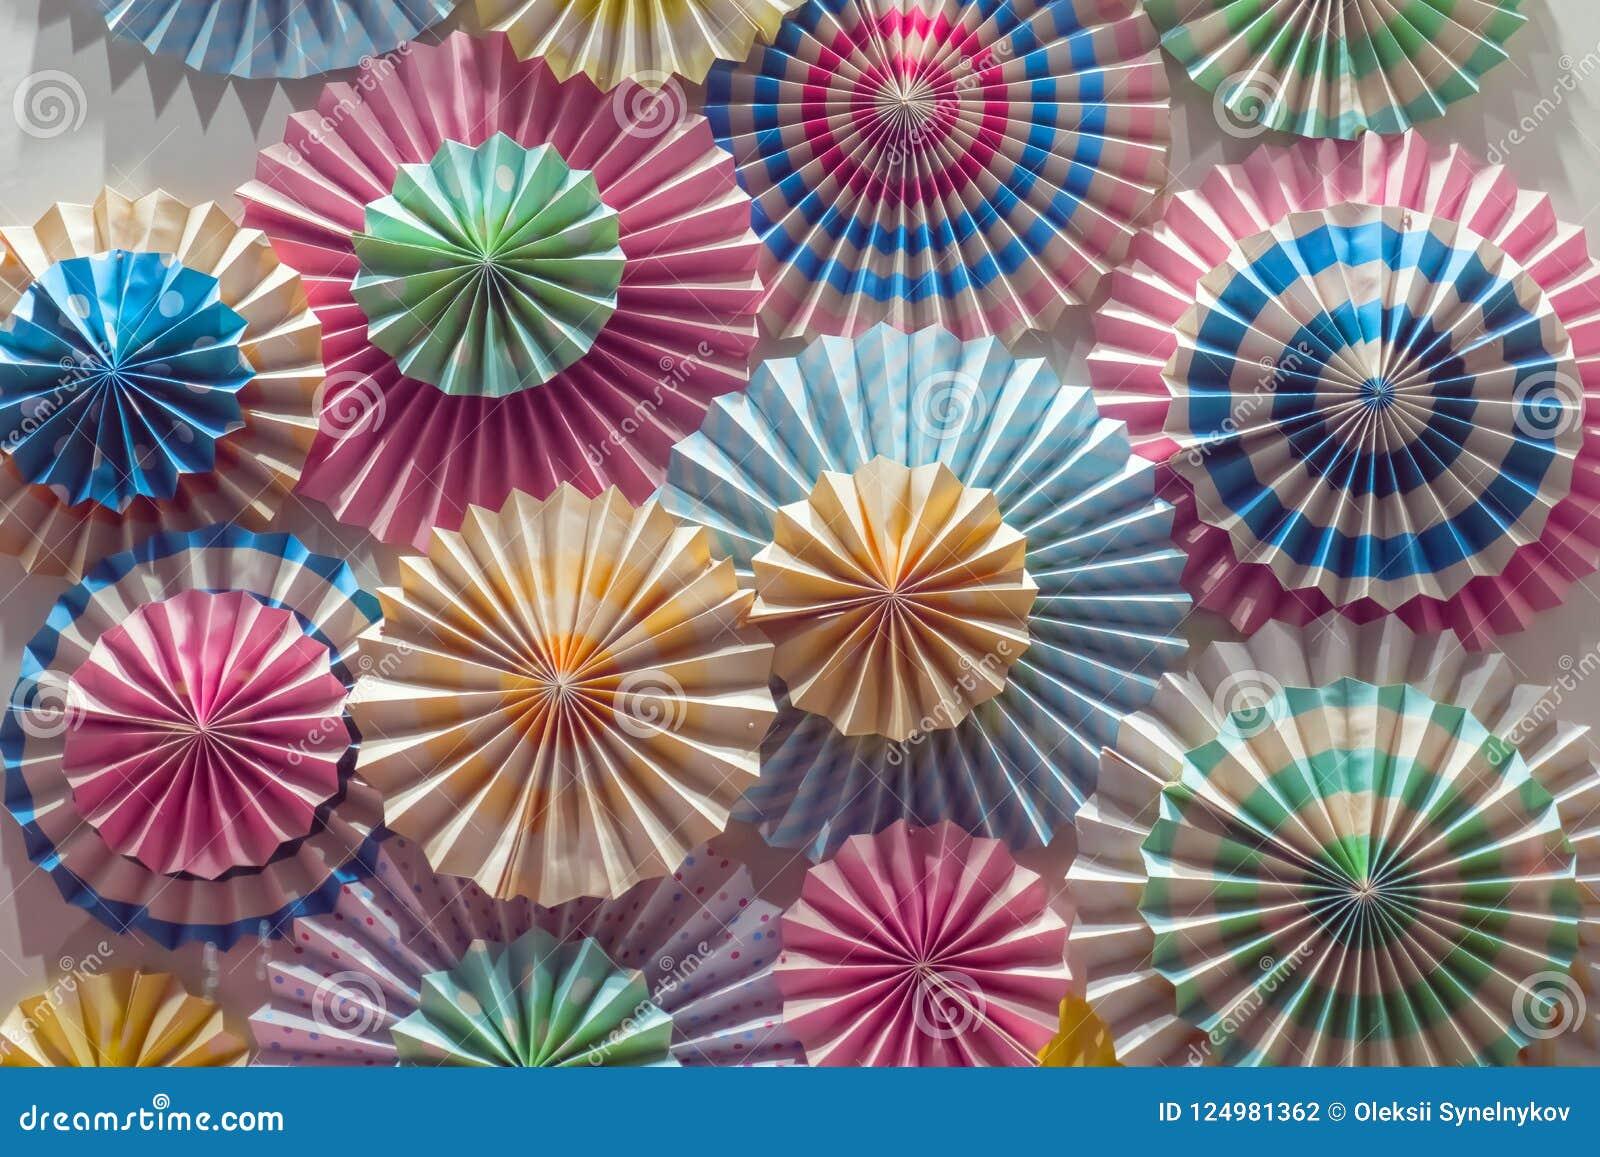 Fundo dos queques Close-up colorido dos objetos Guarda-chuvas para o fundo colorido brilhante do fundo dos cocktail